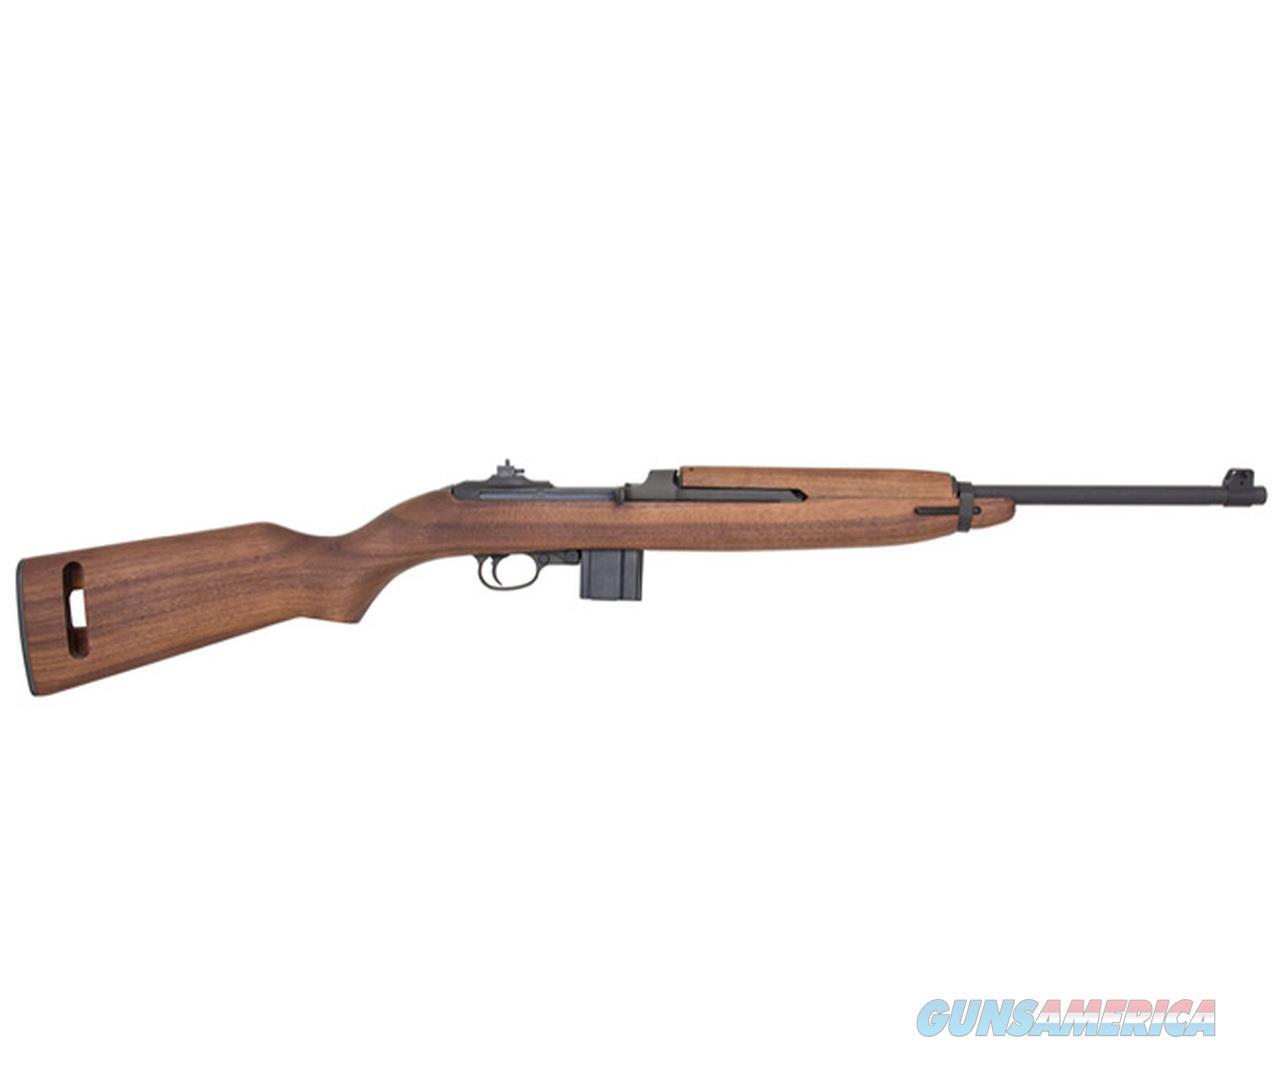 """Auto Ordnance M1 .30 Caliber Carbine 18"""" 10 Rds AOM140   Guns > Rifles > Auto Ordnance Rifles"""